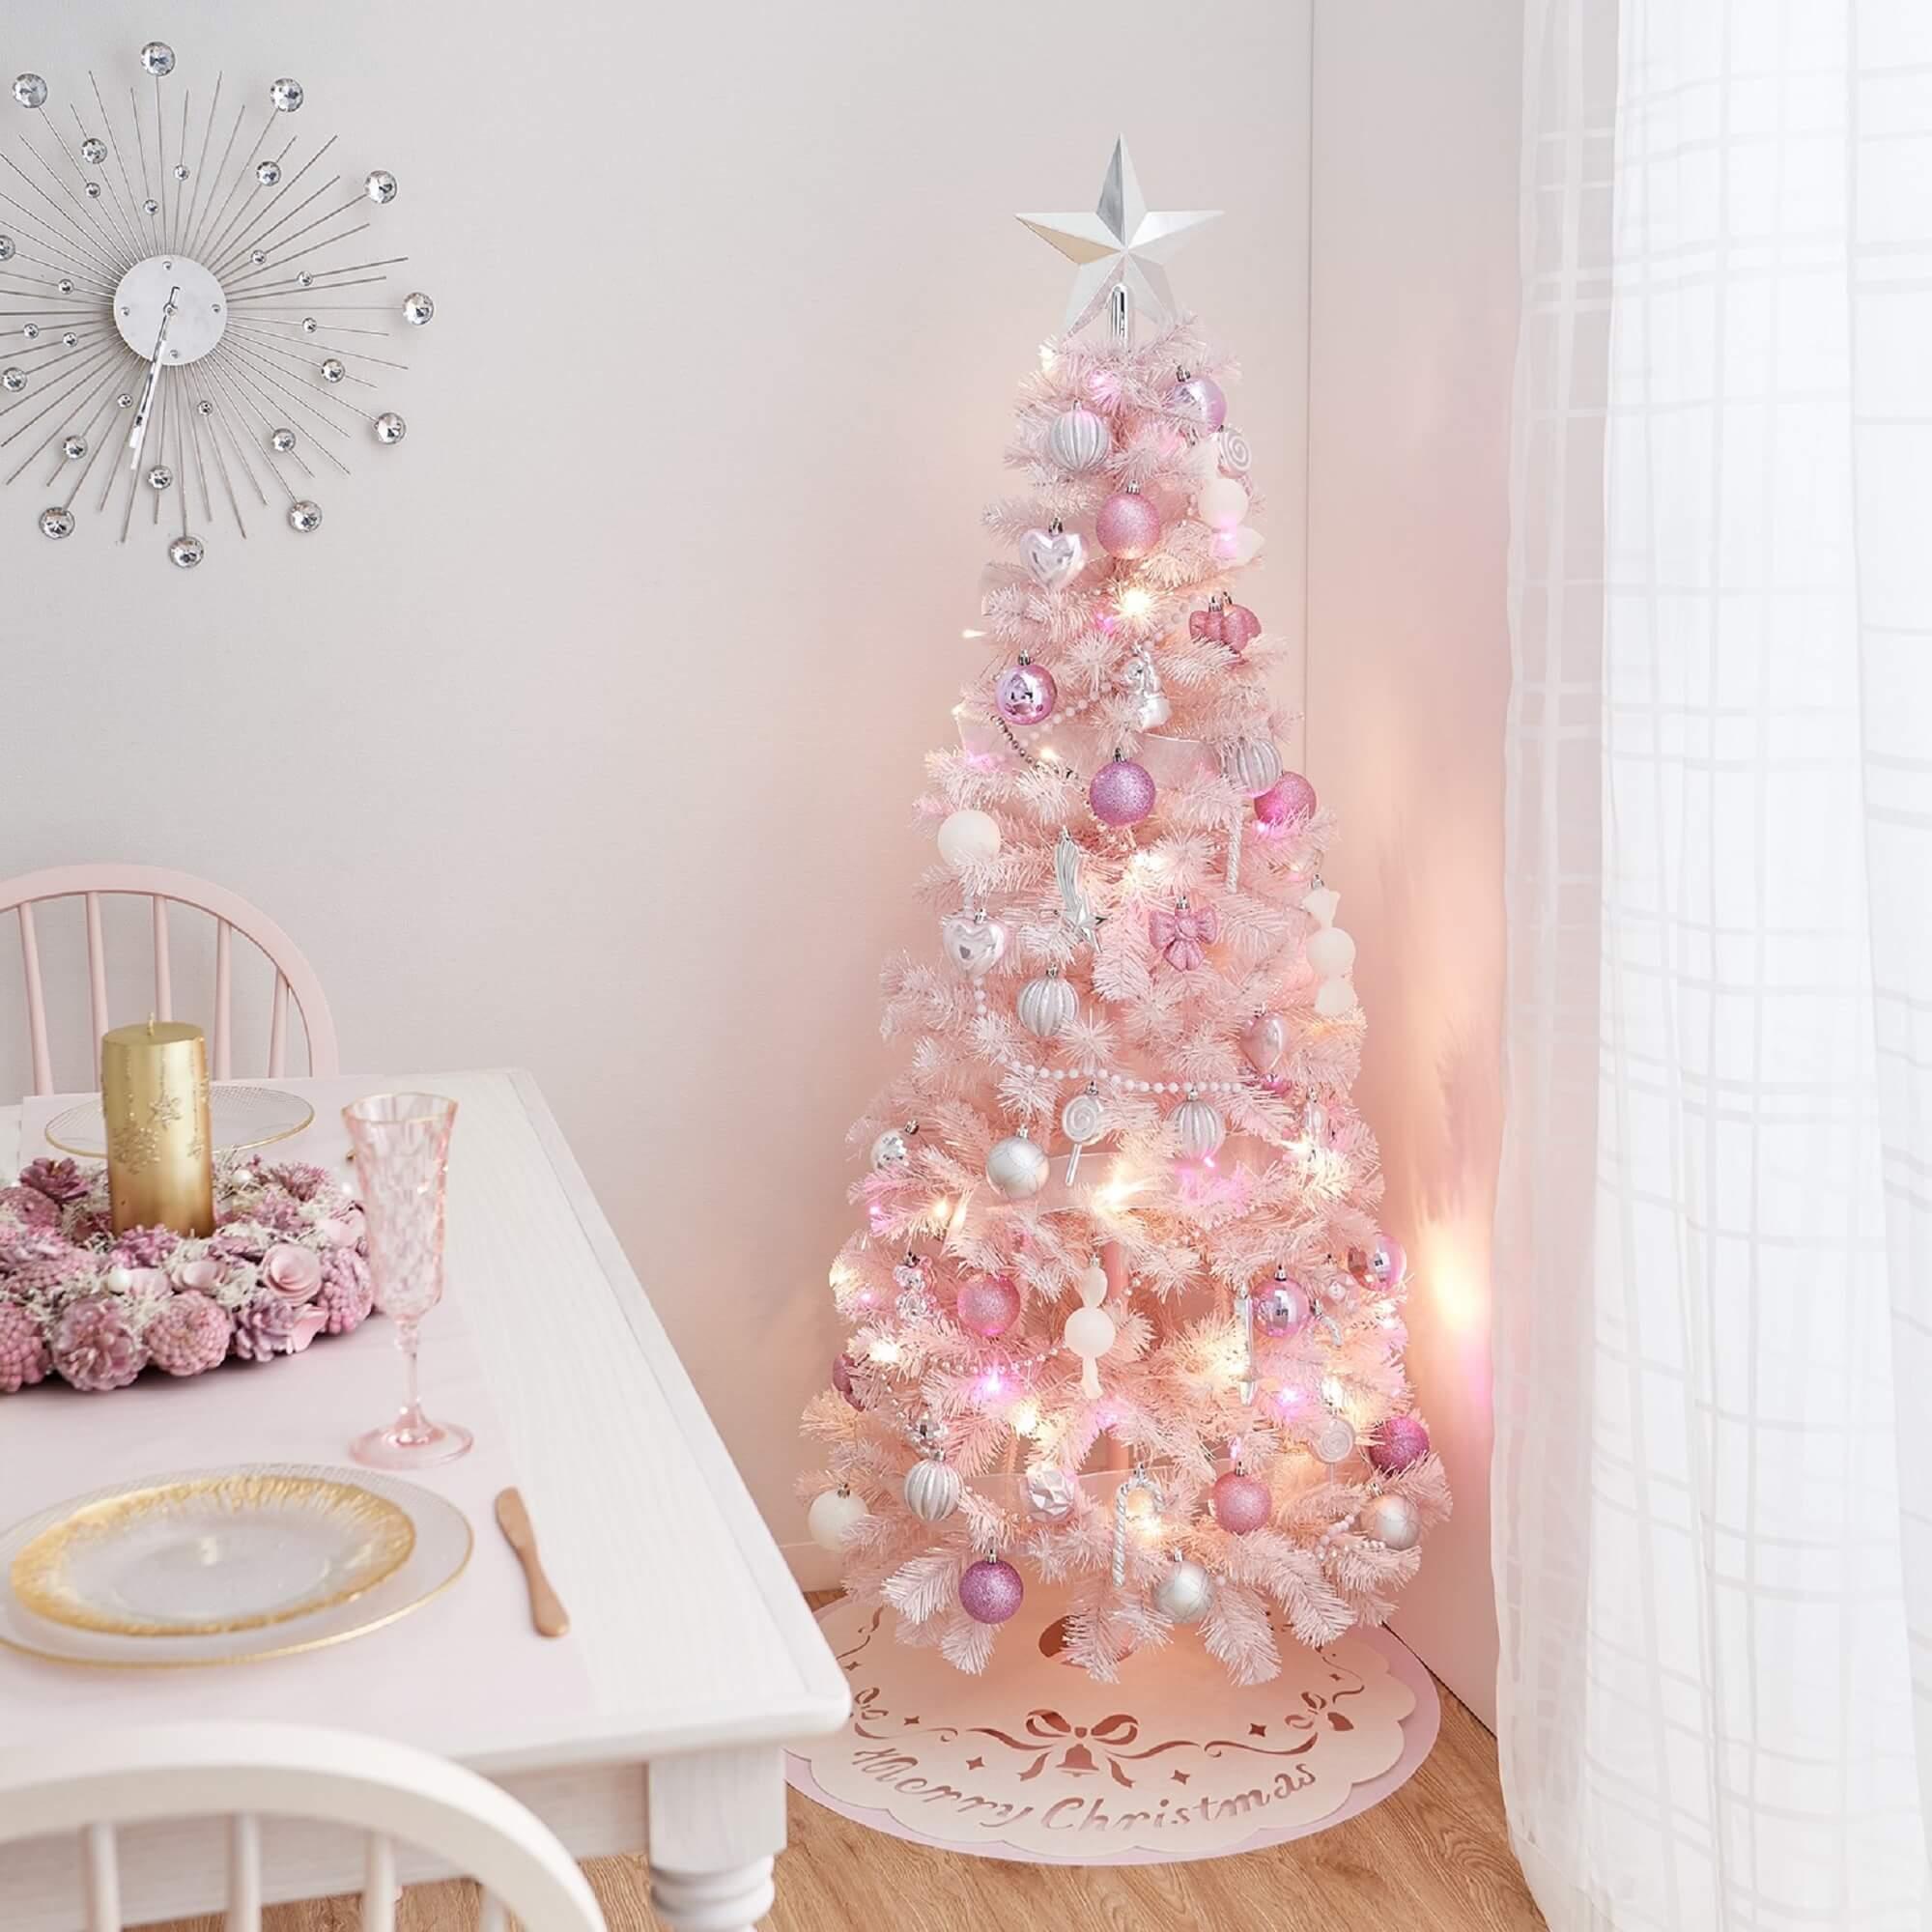 クリスマスツリー スターターセット150/¥10,000(税抜き)